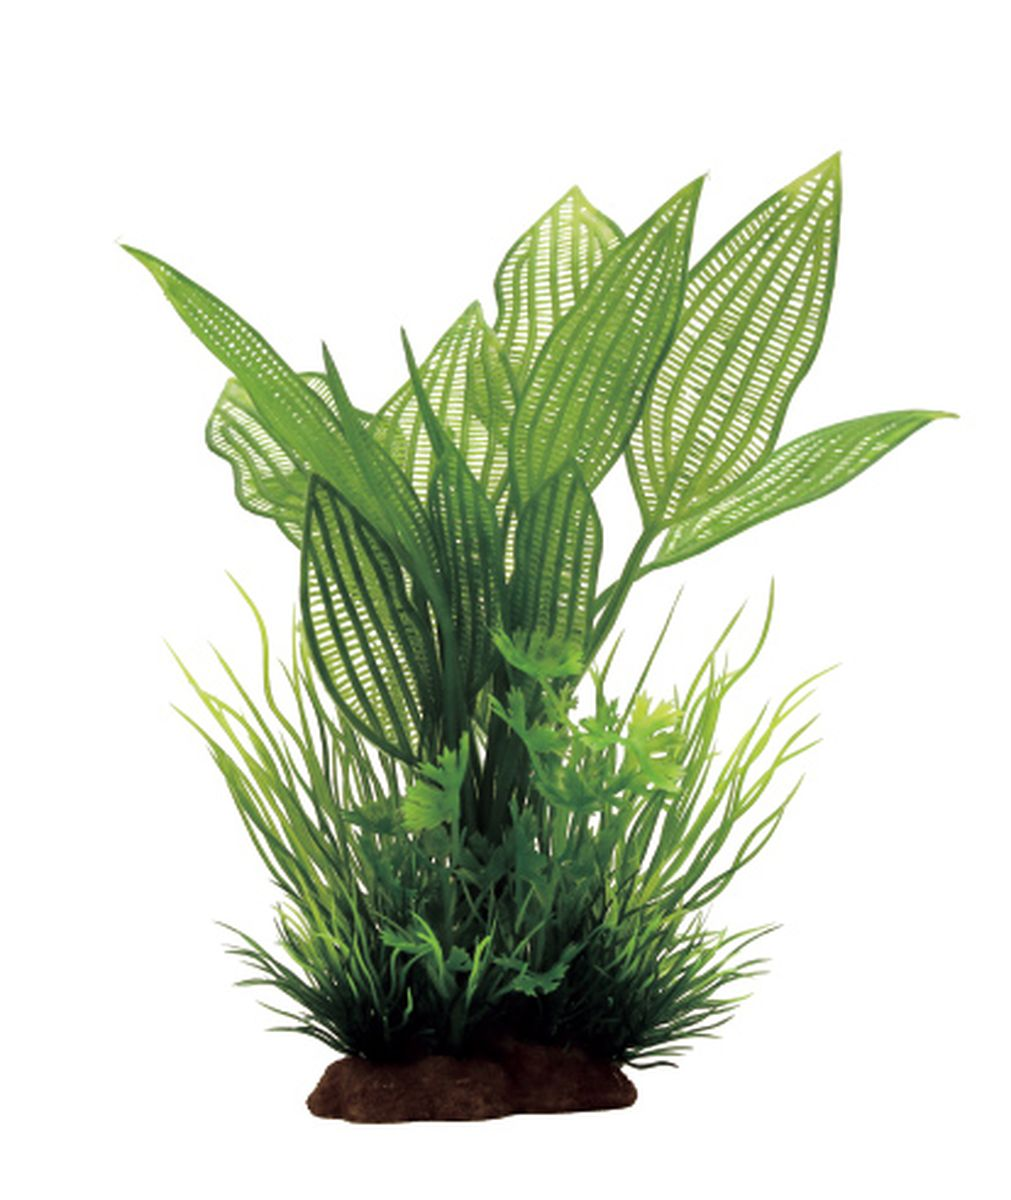 Композиция из растений для аквариума ArtUniq Апоногетон мадагаскарский, 12 x 10 x 20 см0120710Композиция из искусственных растений ArtUniq превосходно украсит и оживит аквариум.Растения - это важная часть любой композиции, они помогут вдохнуть жизнь в ландшафт любого аквариума или террариума.Композиция является точной копией природного растения.